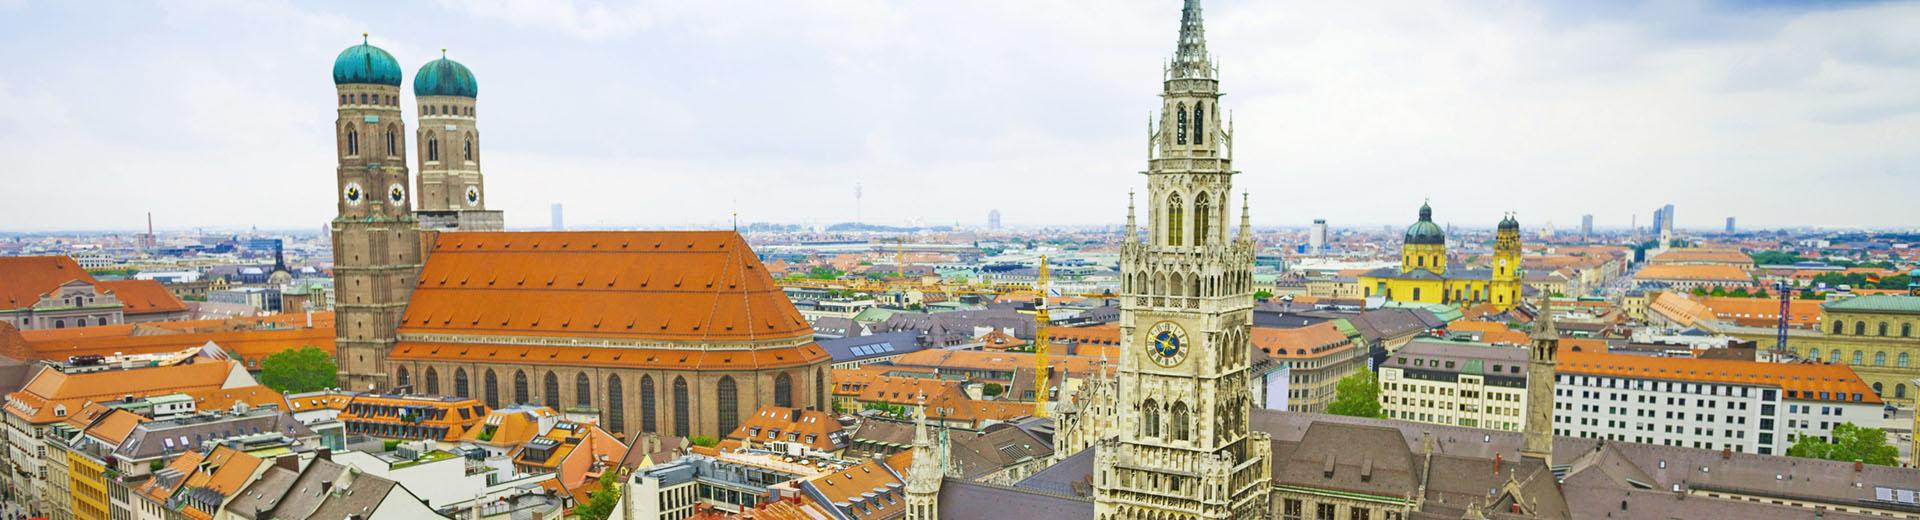 Voyage en groupe Munich - offre confort train